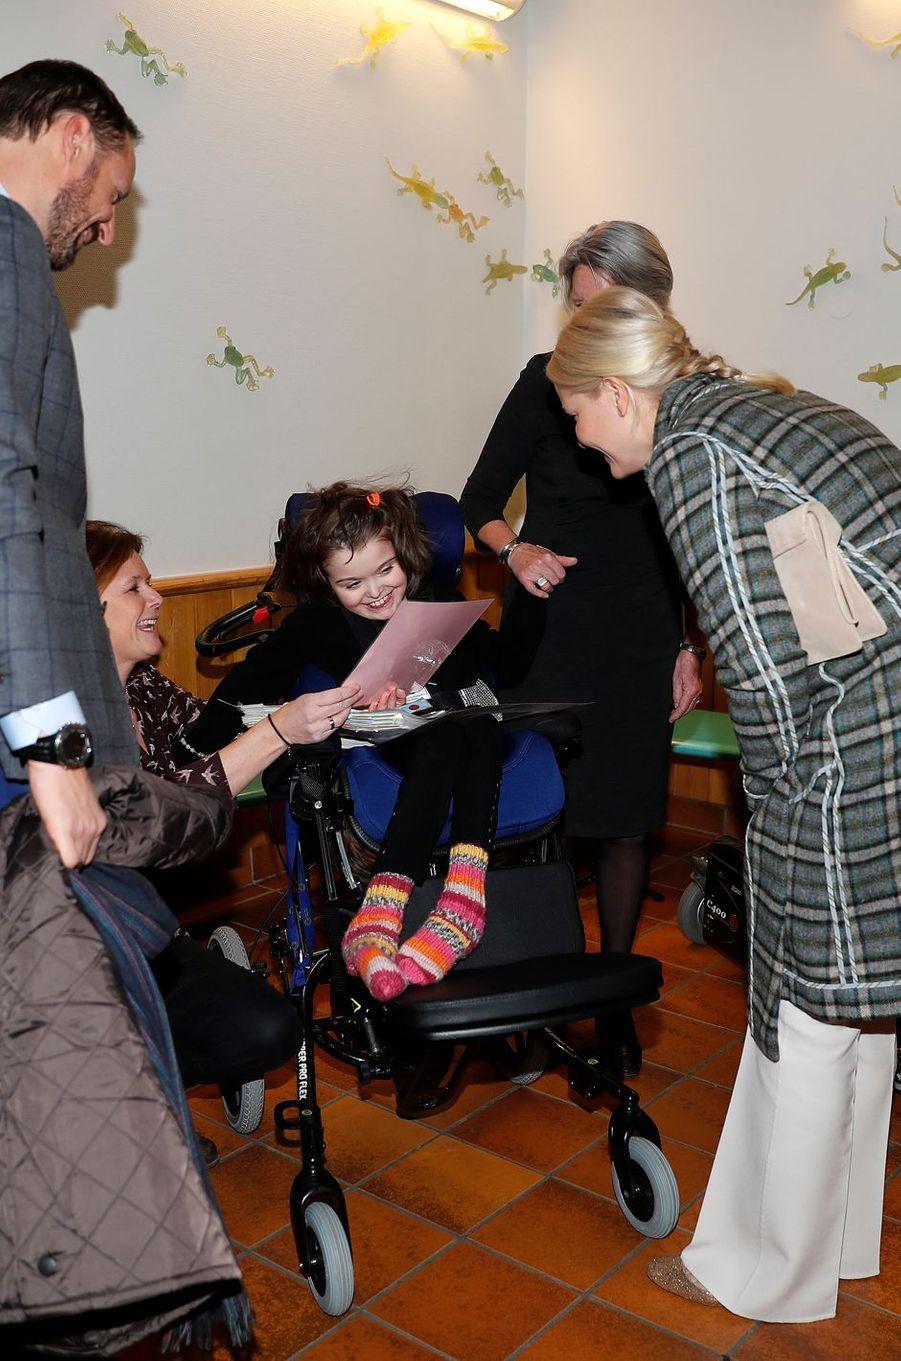 La princesse Mette-Marit et le prince Haakon de Norvège dans une école et centre de ressources pour des enfants ayant des difficultés d'apprentissage à Baerum, le 14 décembre 2016